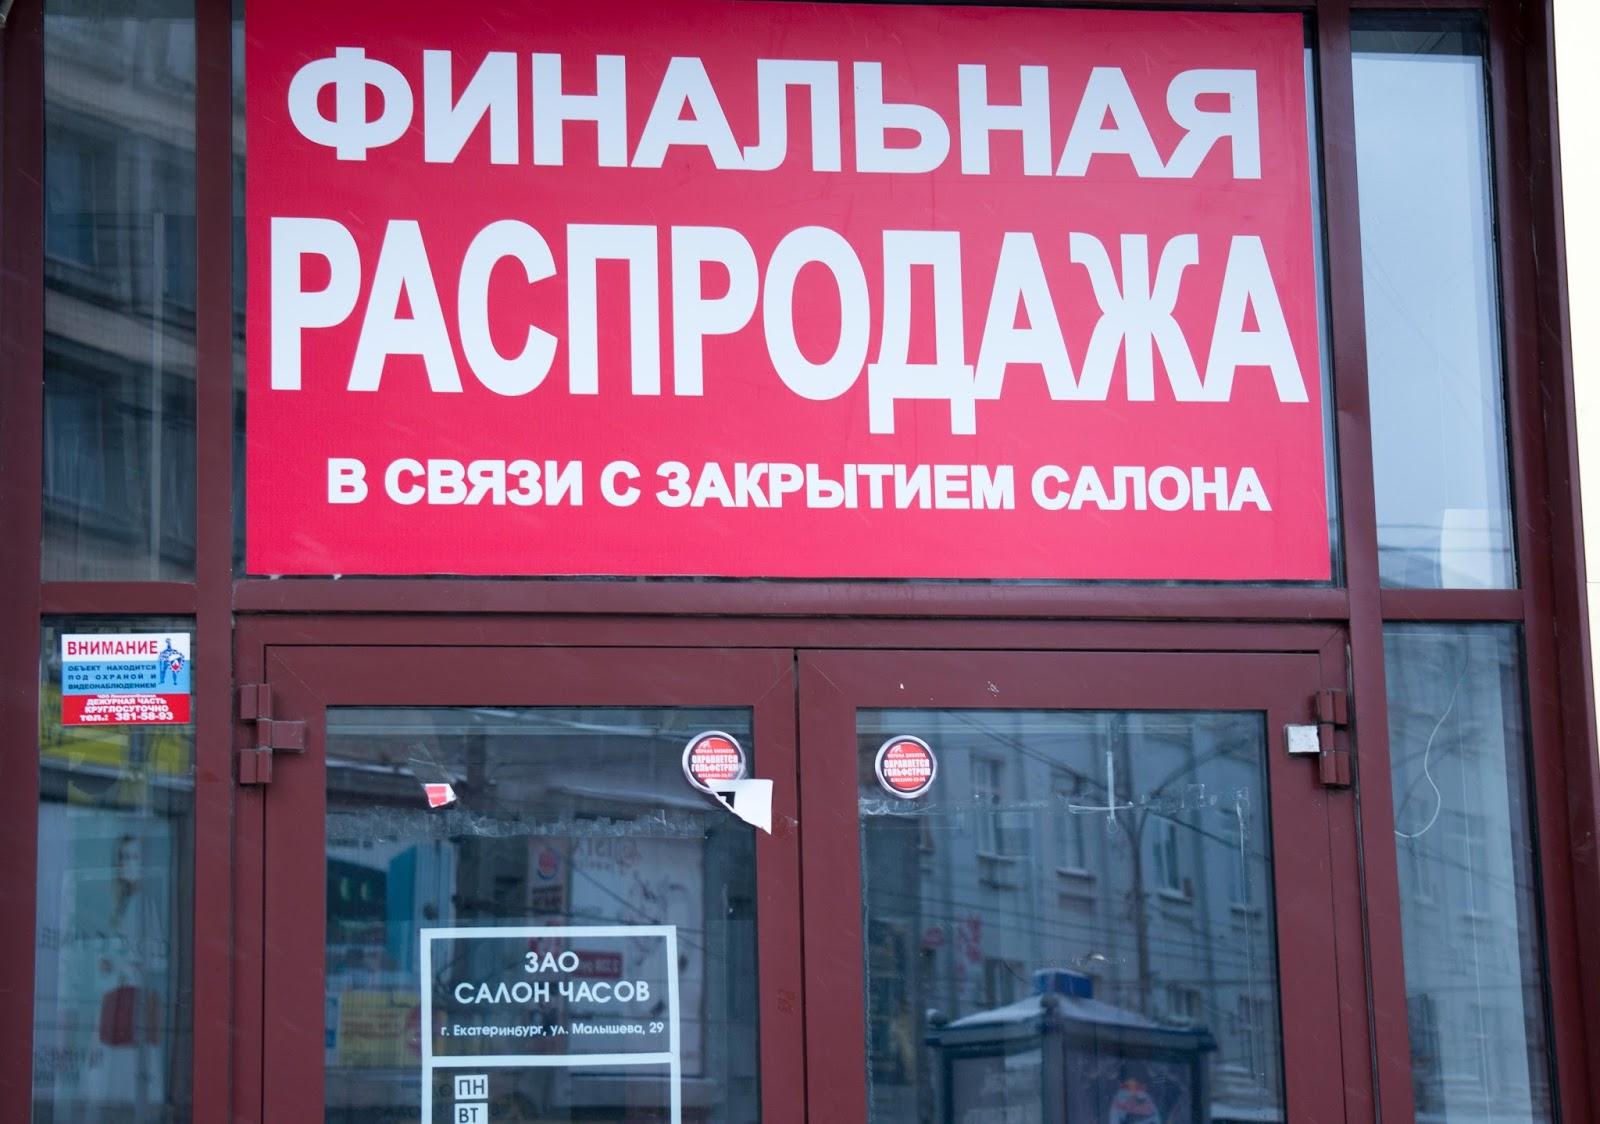 слова Константин екатеринбург салон часов врея белых так толком